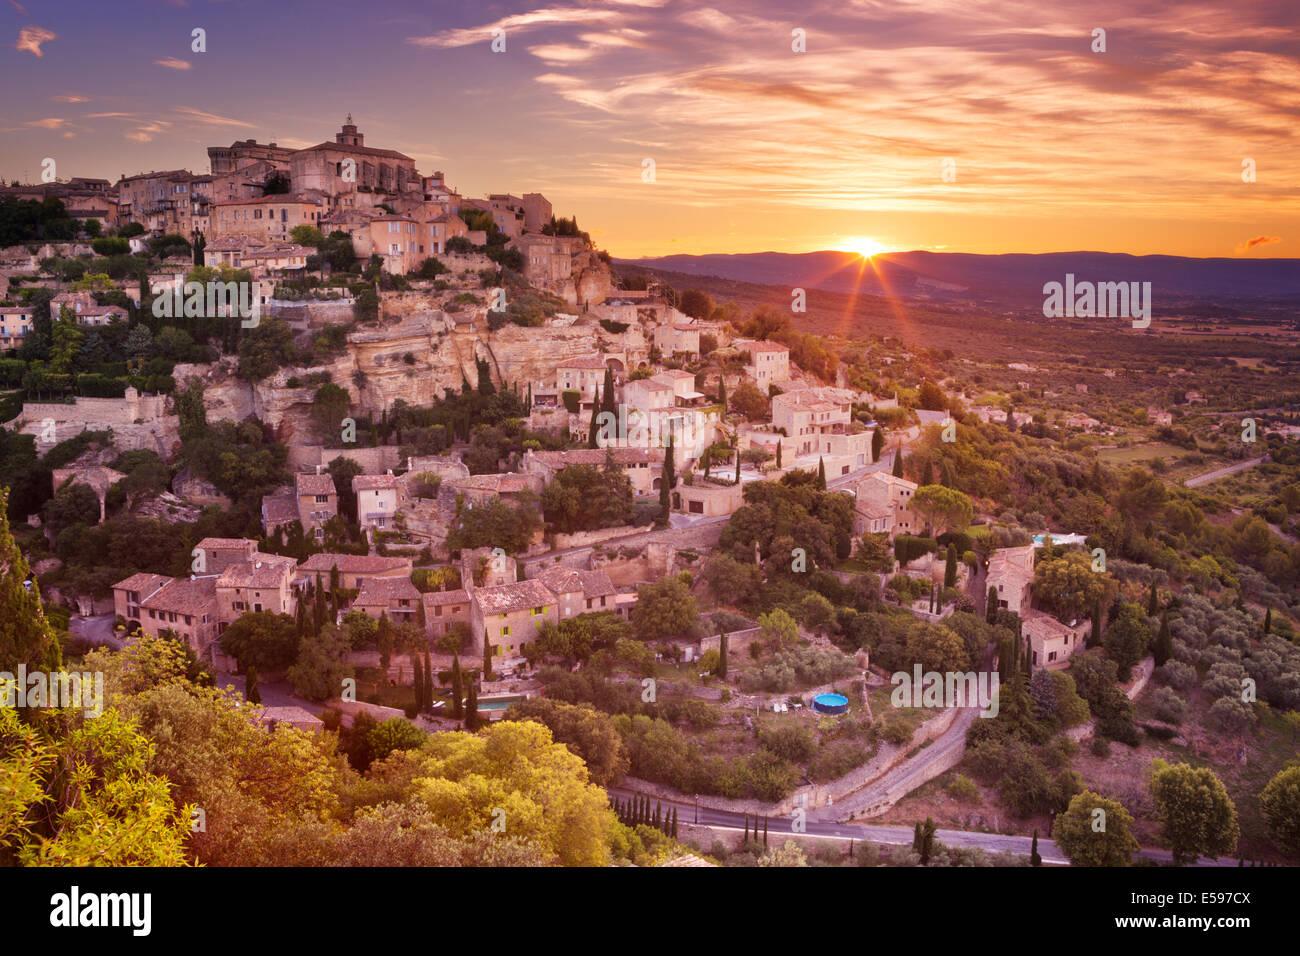 El histórico pueblo de Gordes en Provence, Francia al amanecer. Imagen De Stock